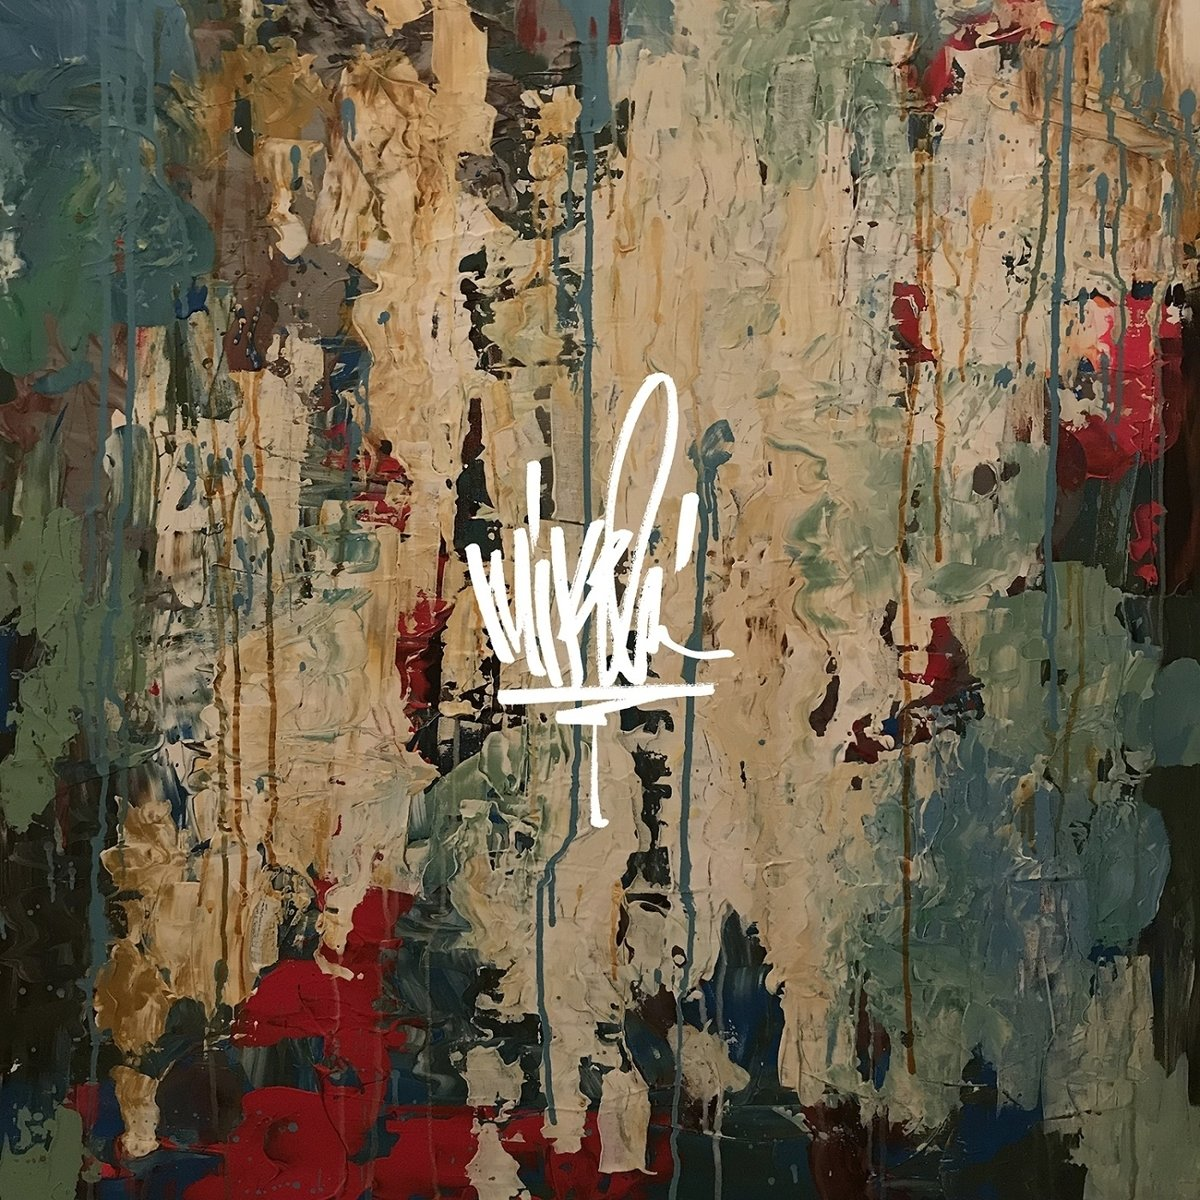 Vandaag brengt Mike Shinoda, de zanger/rapper van Linkin Park een album uit met wel een heel bijzonder thema. Het is het eerste album uitgebracht na de dood van Linkin Park zanger Chester Bennington. Bij deze een bijzondere review van een album waarin de emotie de overhand neemt. Het album heet geheel toepasselijk Post traumatic.